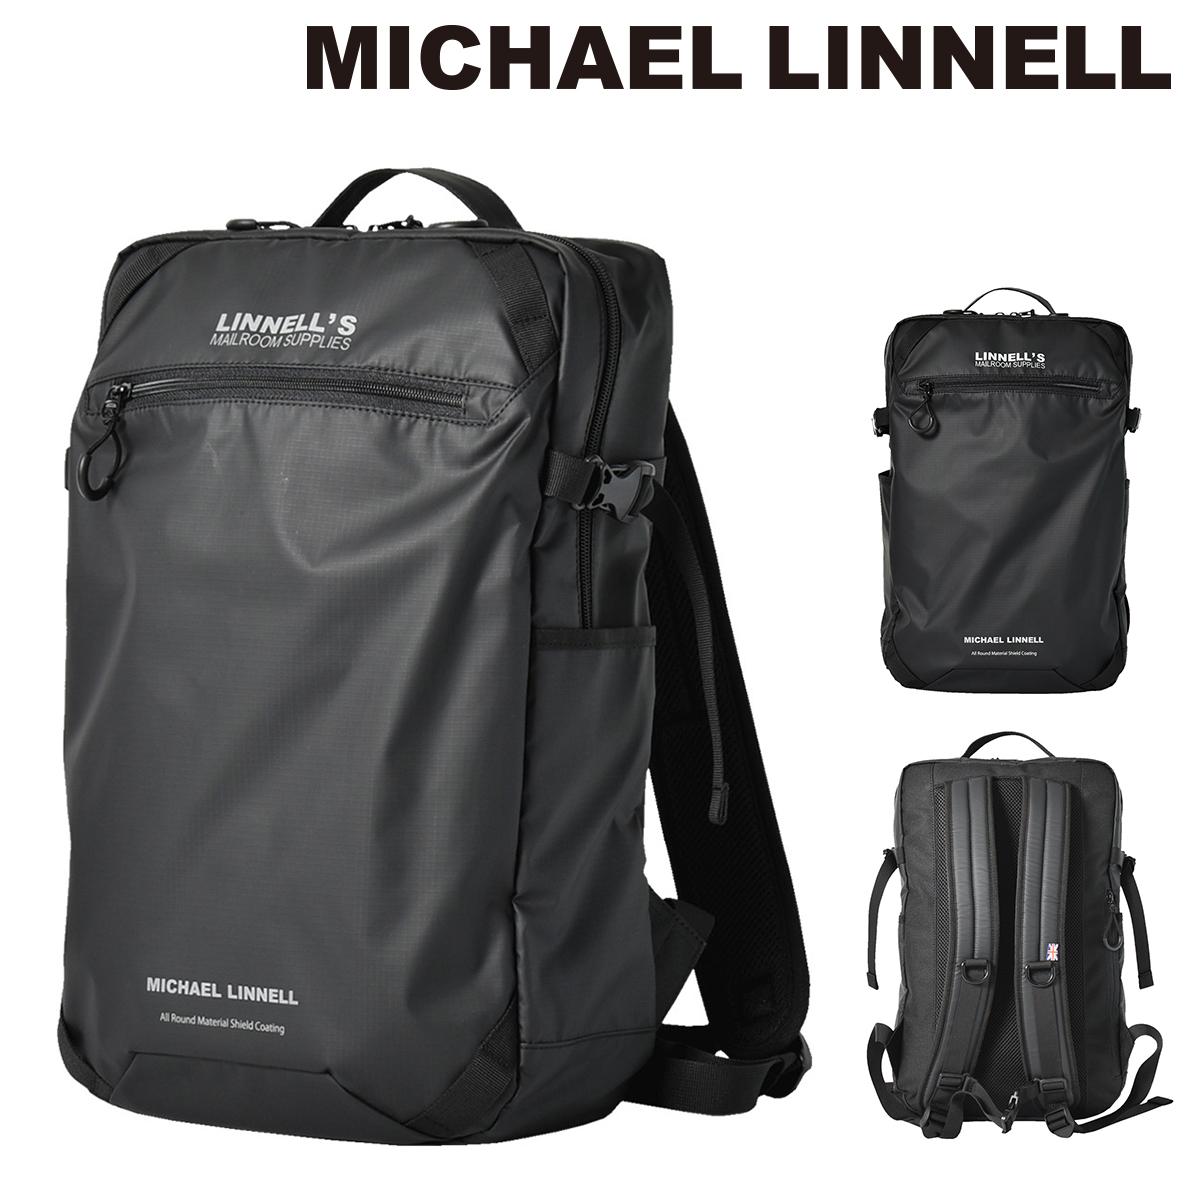 マイケルリンネル リュック スクールバッグ 24L メンズ | MLAC-07 MICHAEL LINNELL | リュックサック バックパック スクエア ナイロン[PO10][bef][母の日]